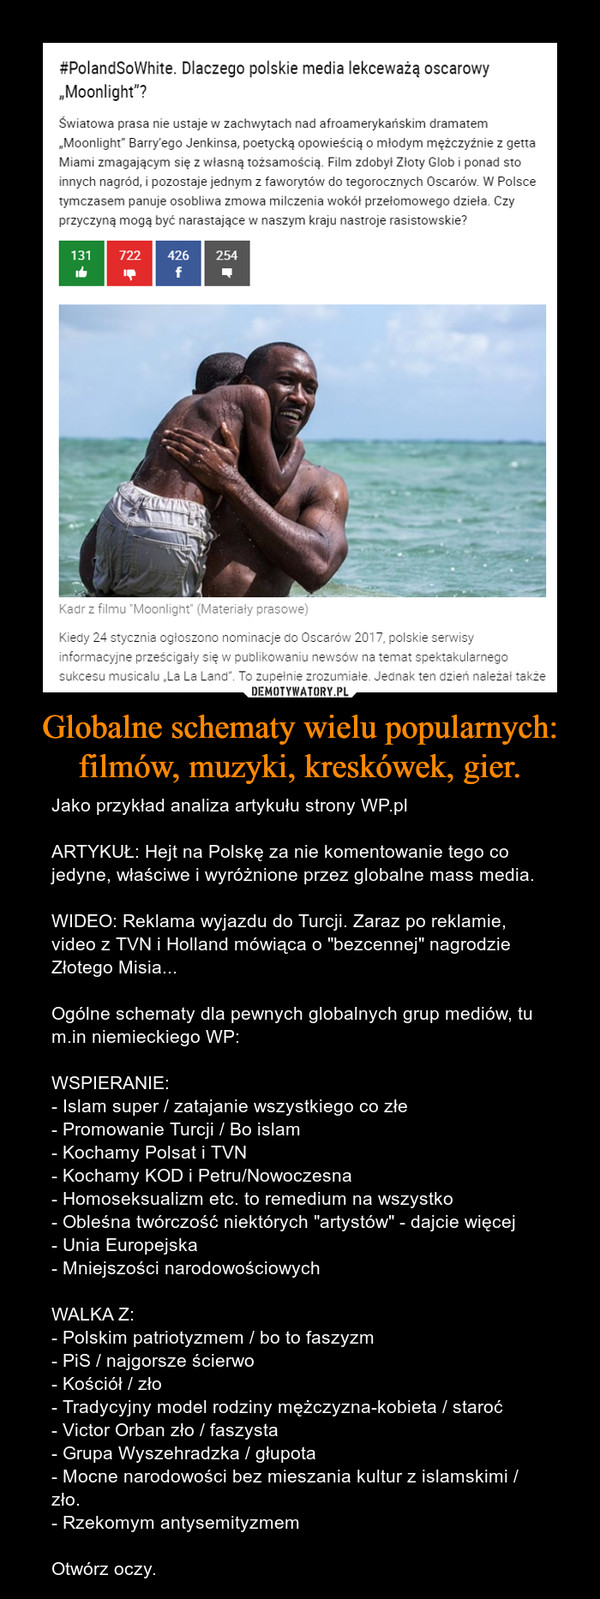 """Globalne schematy wielu popularnych: filmów, muzyki, kreskówek, gier. – Jako przykład analiza artykułu strony WP.plARTYKUŁ: Hejt na Polskę za nie komentowanie tego co jedyne, właściwe i wyróżnione przez globalne mass media.WIDEO: Reklama wyjazdu do Turcji. Zaraz po reklamie, video z TVN i Holland mówiąca o """"bezcennej"""" nagrodzie Złotego Misia... Ogólne schematy dla pewnych globalnych grup mediów, tu m.in niemieckiego WP:WSPIERANIE:- Islam super / zatajanie wszystkiego co złe- Promowanie Turcji / Bo islam- Kochamy Polsat i TVN- Kochamy KOD i Petru/Nowoczesna- Homoseksualizm etc. to remedium na wszystko- Obleśna twórczość niektórych """"artystów"""" - dajcie więcej- Unia Europejska- Mniejszości narodowościowychWALKA Z:- Polskim patriotyzmem / bo to faszyzm- PiS / najgorsze ścierwo- Kościół / zło- Tradycyjny model rodziny mężczyzna-kobieta / staroć- Victor Orban zło / faszysta- Grupa Wyszehradzka / głupota- Mocne narodowości bez mieszania kultur z islamskimi / zło.- Rzekomym antysemityzmemOtwórz oczy."""